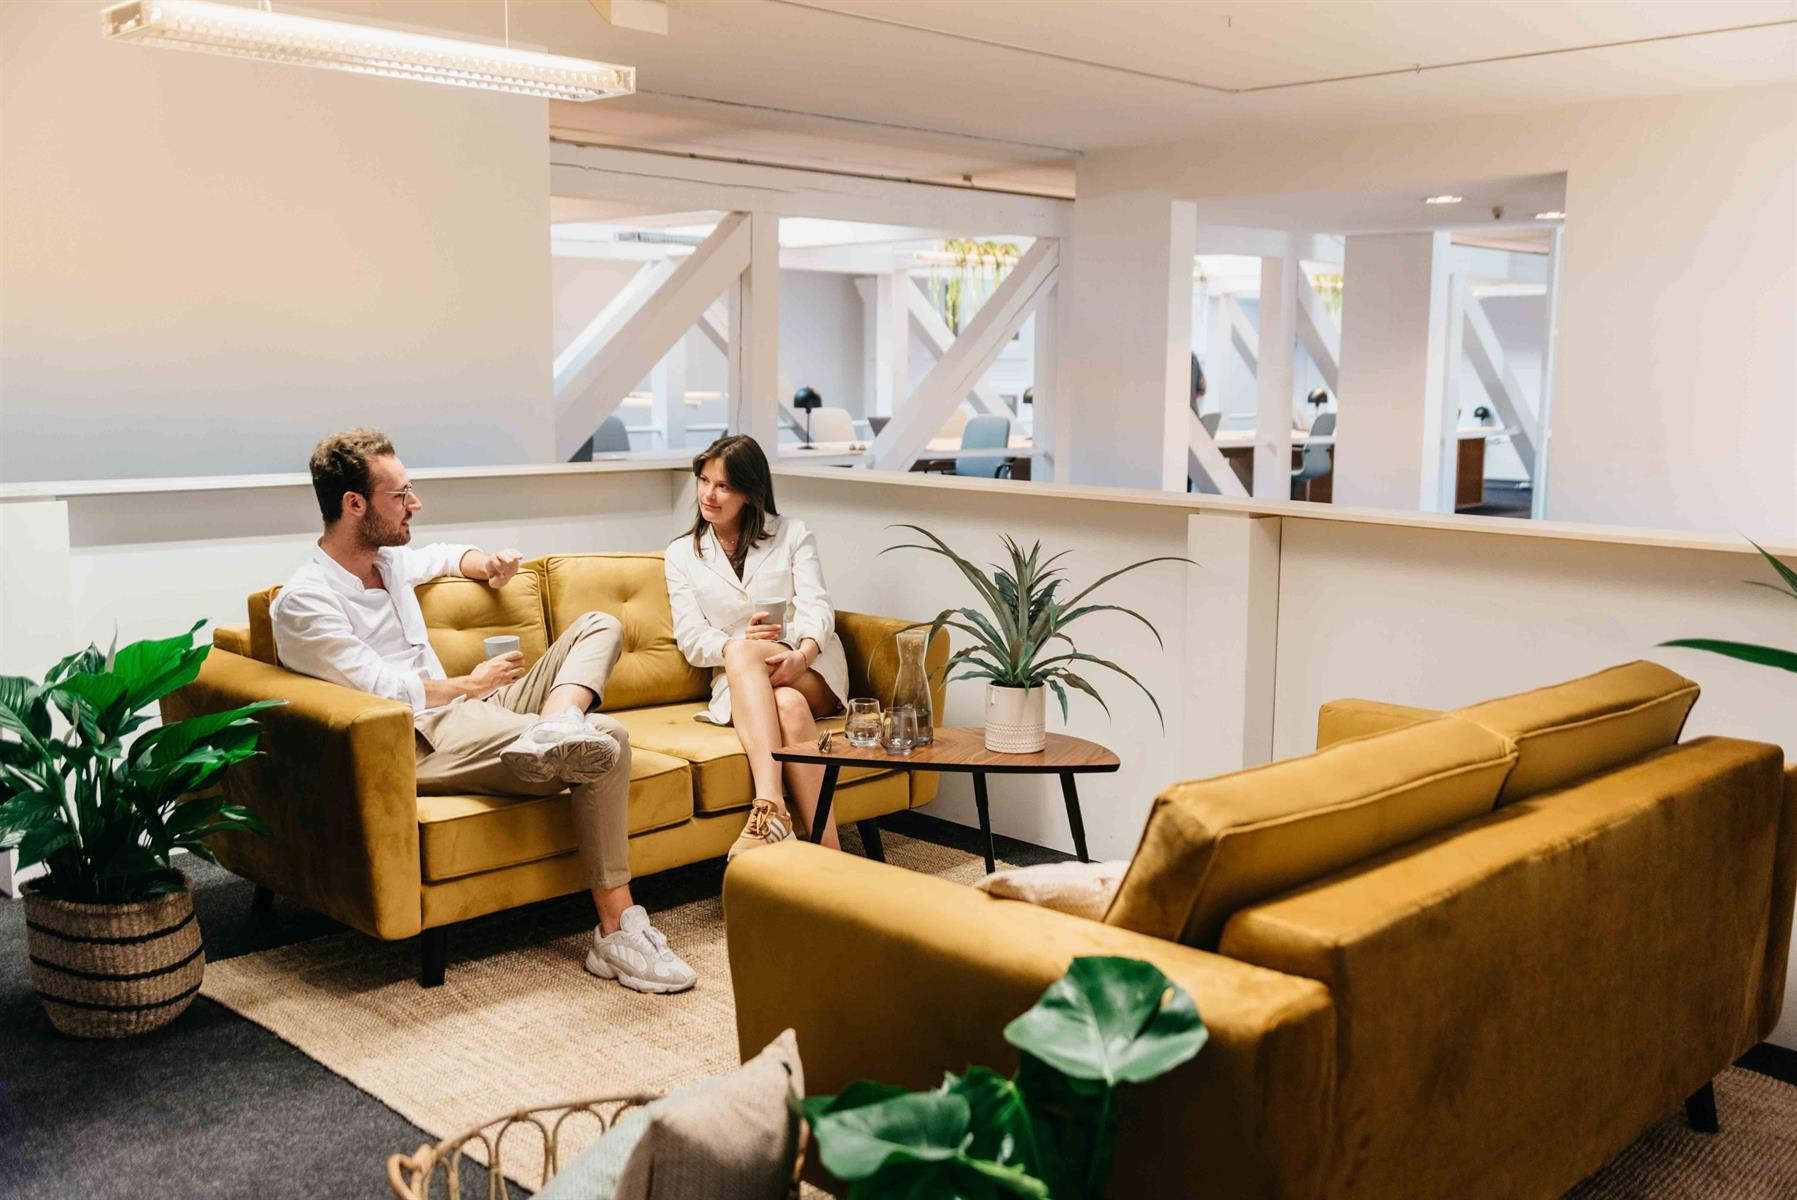 kantoor te huur Virtueel kantoor - IJzerenpoortkaai 3, 2000 Antwerpen, België 2